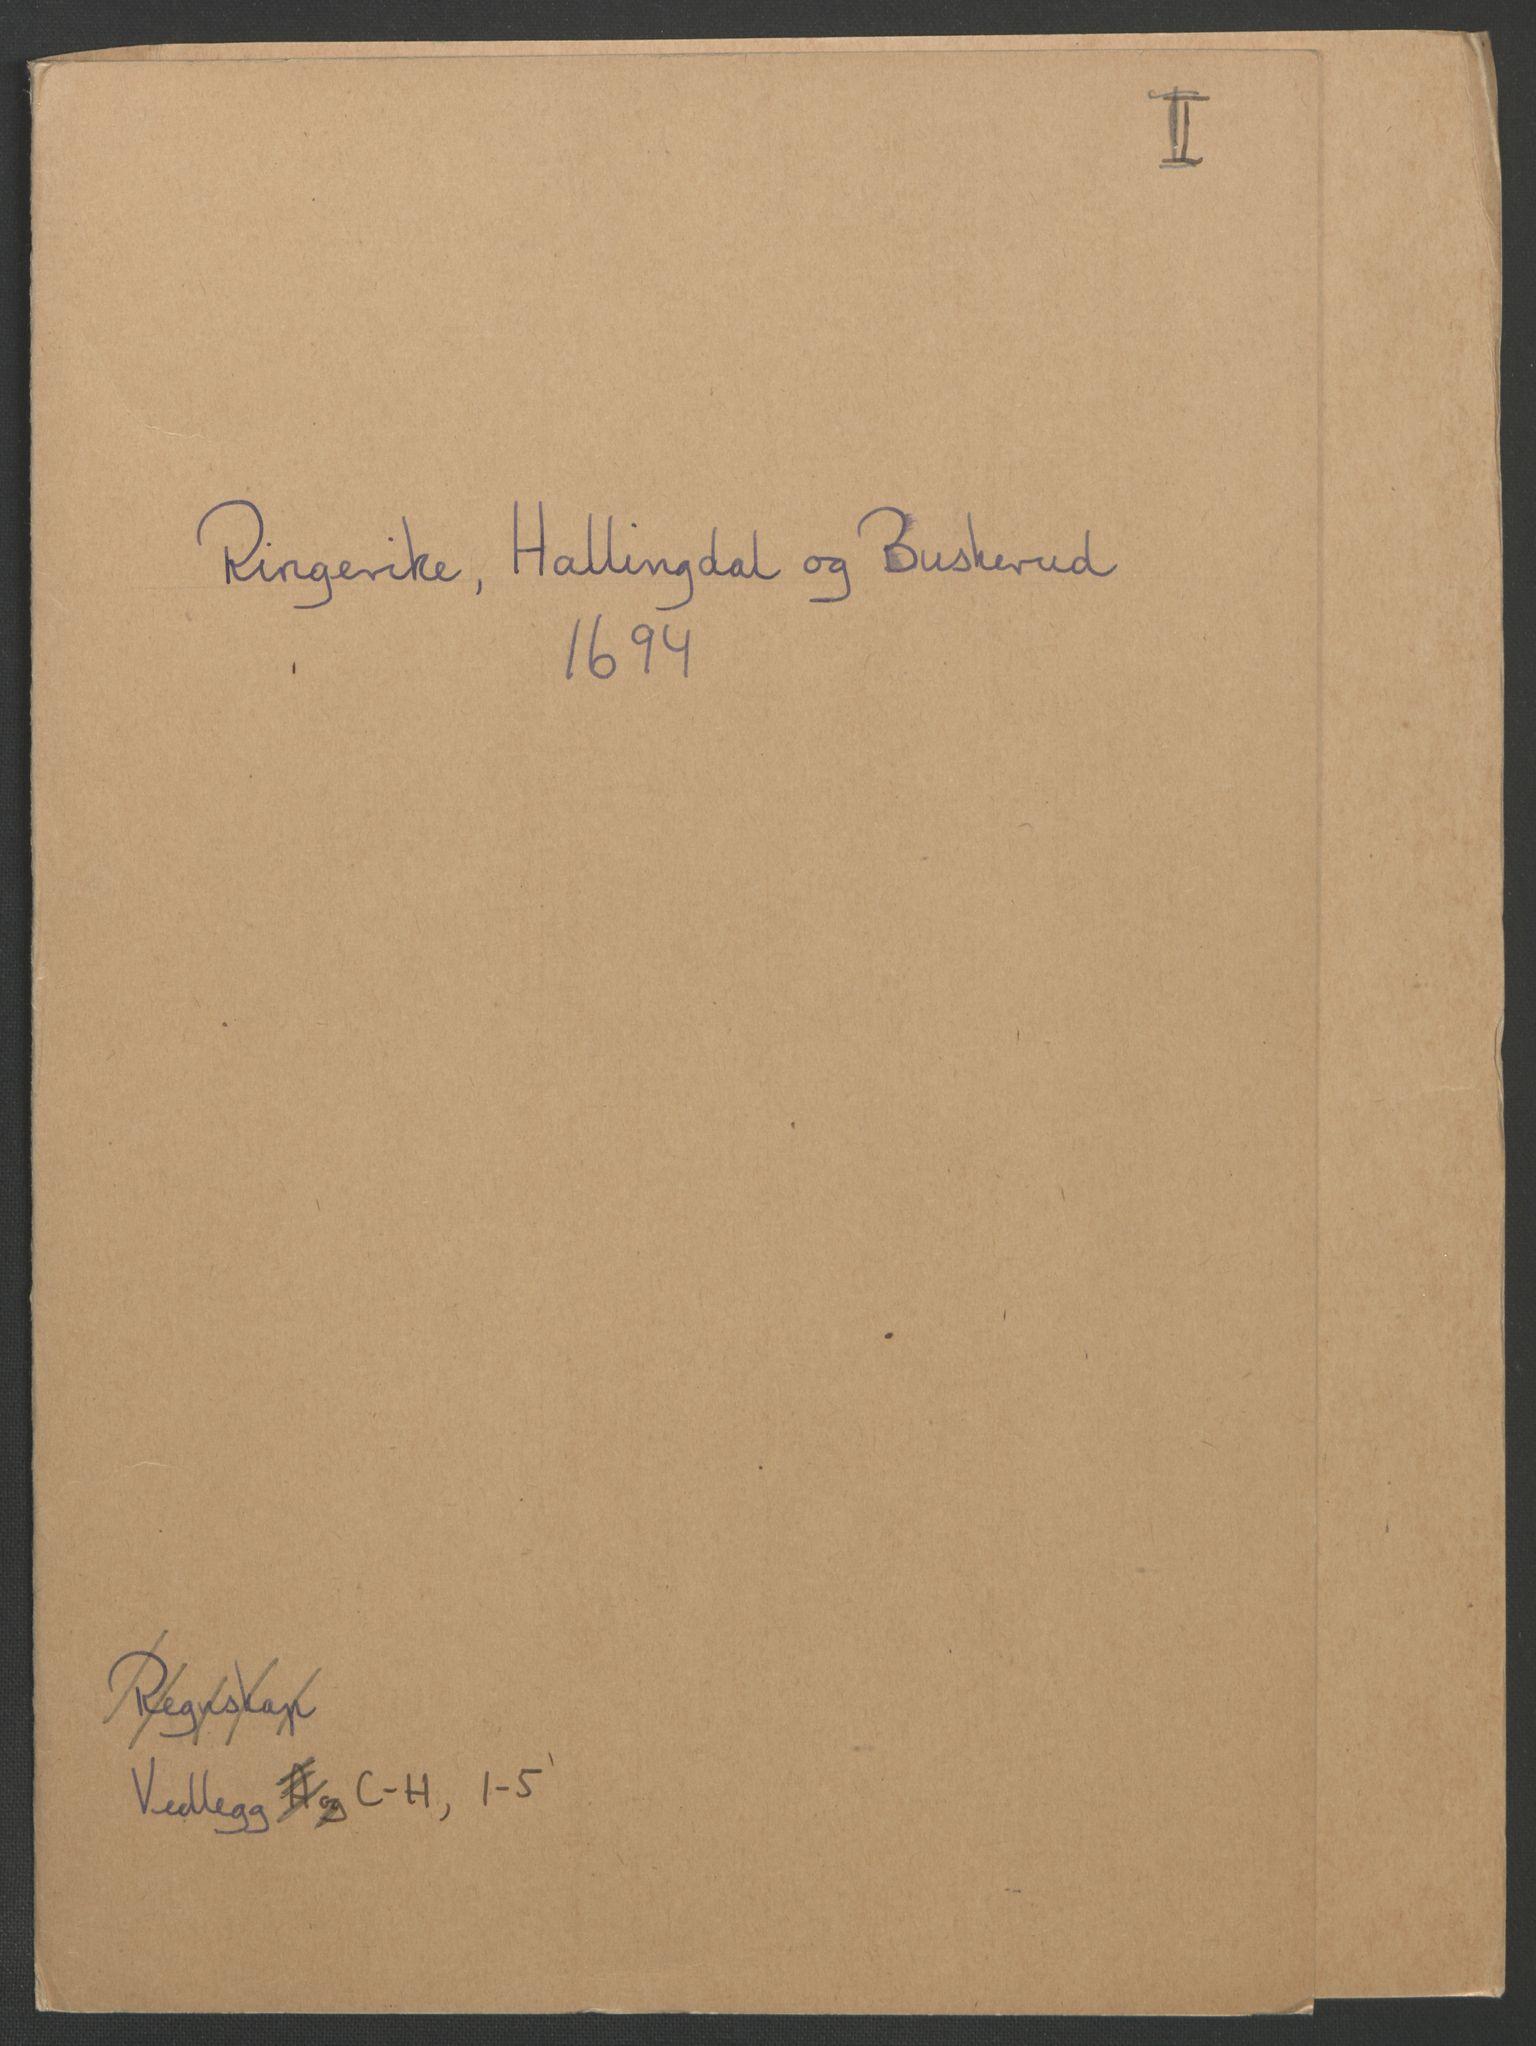 RA, Rentekammeret inntil 1814, Reviderte regnskaper, Fogderegnskap, R22/L1451: Fogderegnskap Ringerike, Hallingdal og Buskerud, 1694, s. 218